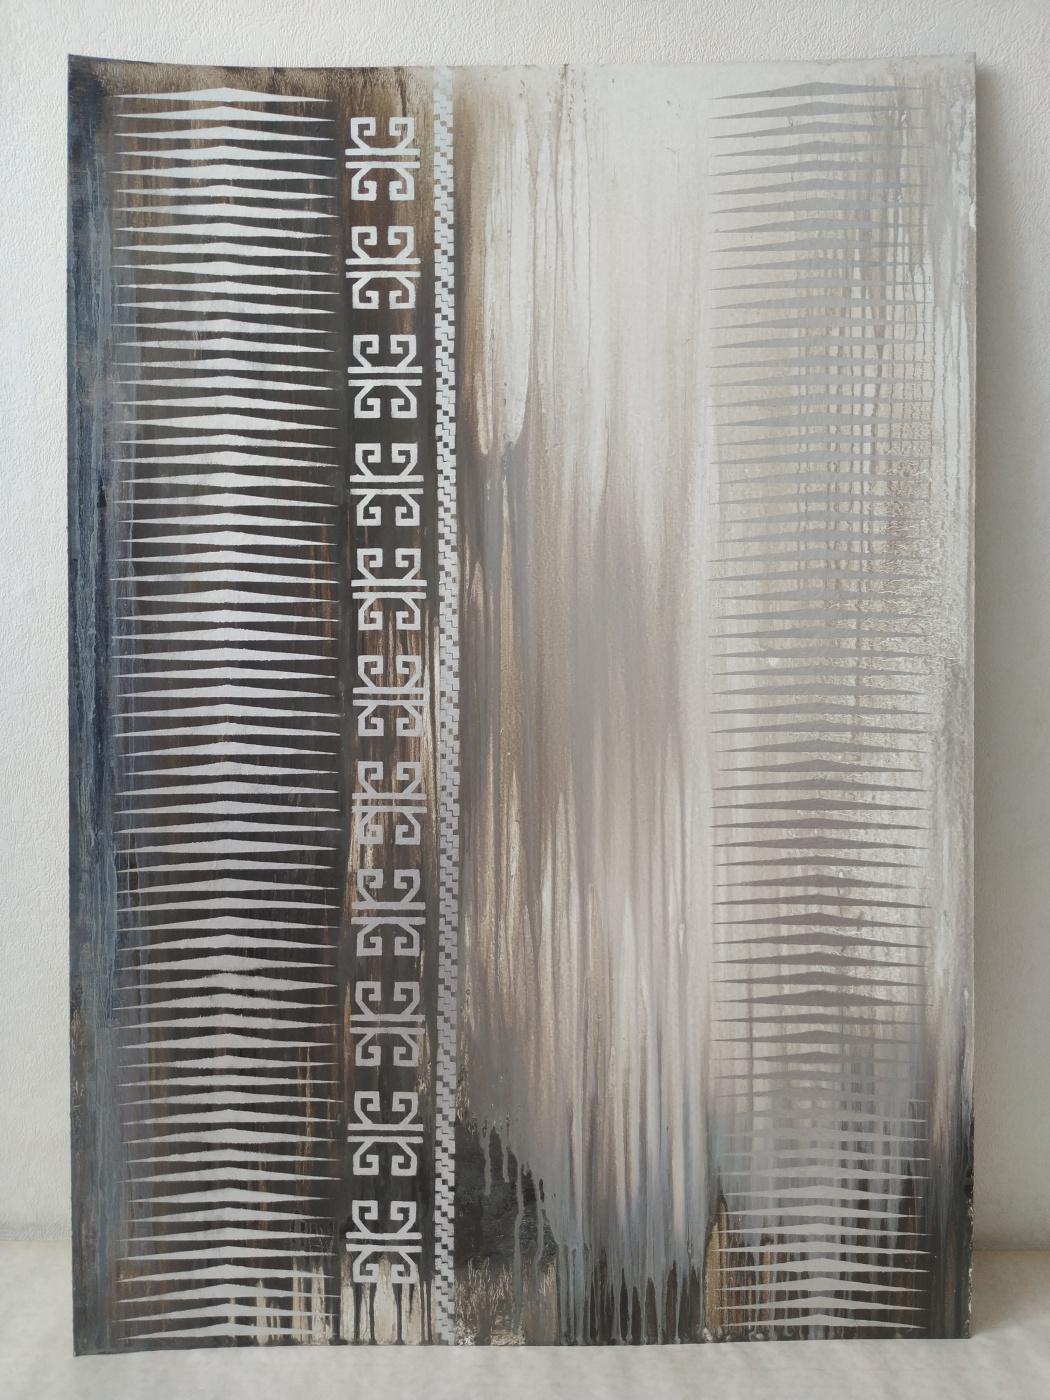 Gulzhanat Temirkhan. Abstraction 24